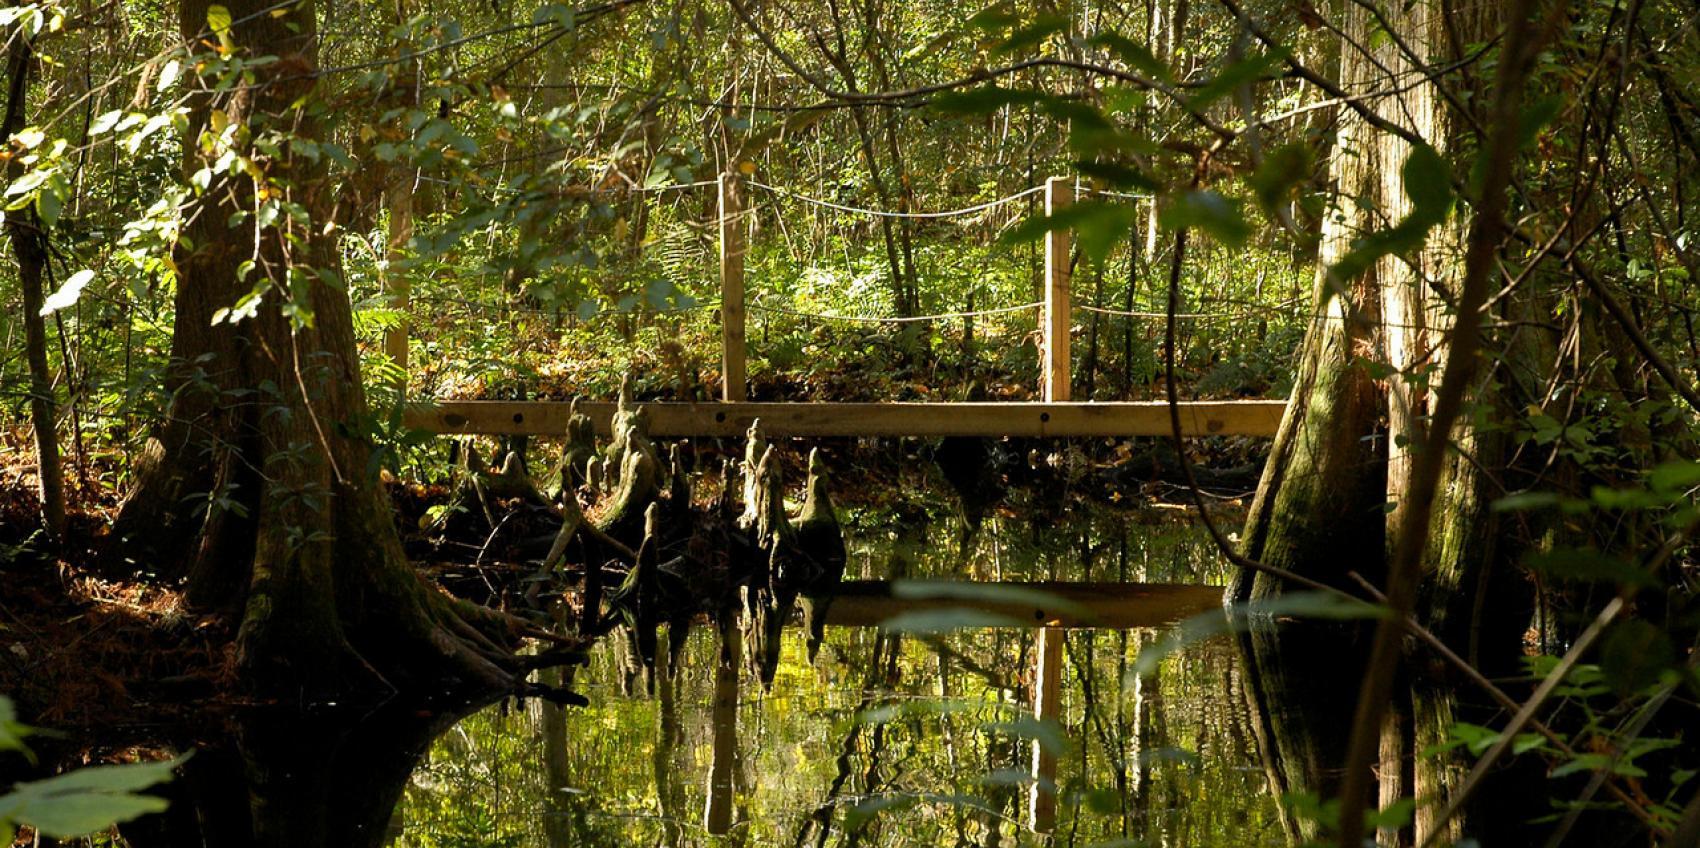 Jacksonville arboretum gardens american public gardens - Jacksonville arboretum and gardens ...